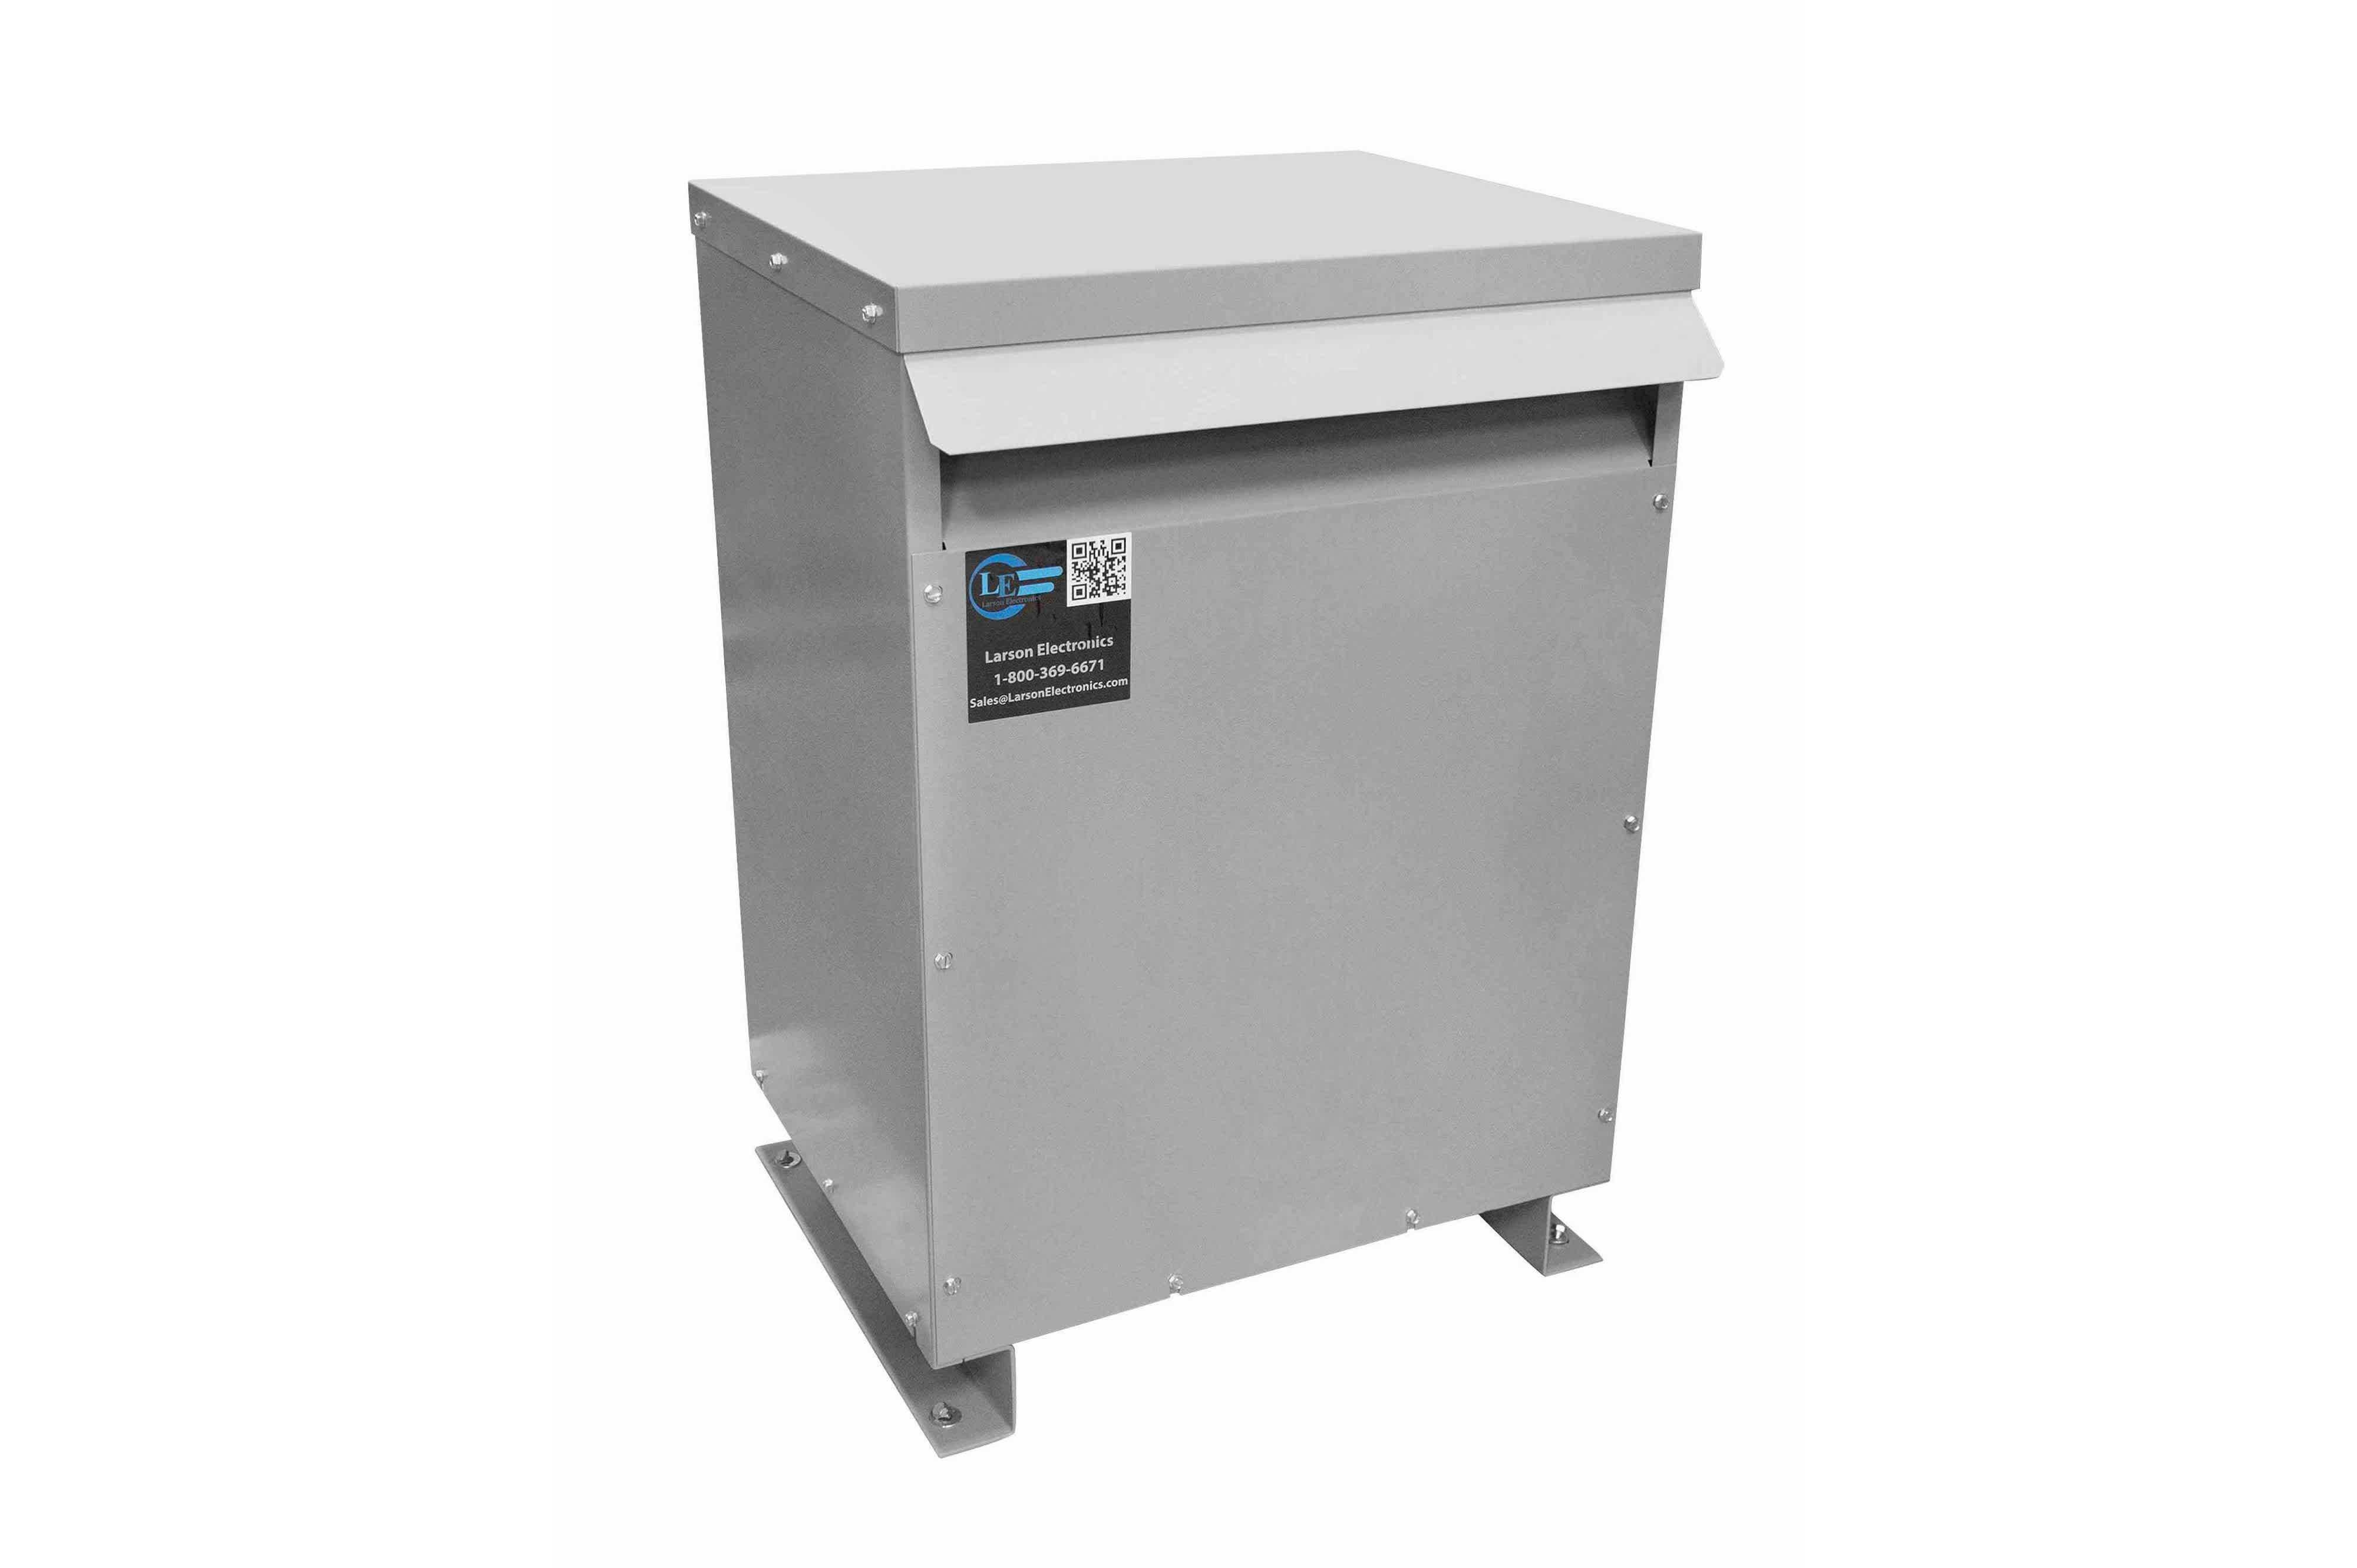 75 kVA 3PH Isolation Transformer, 400V Delta Primary, 600V Delta Secondary, N3R, Ventilated, 60 Hz